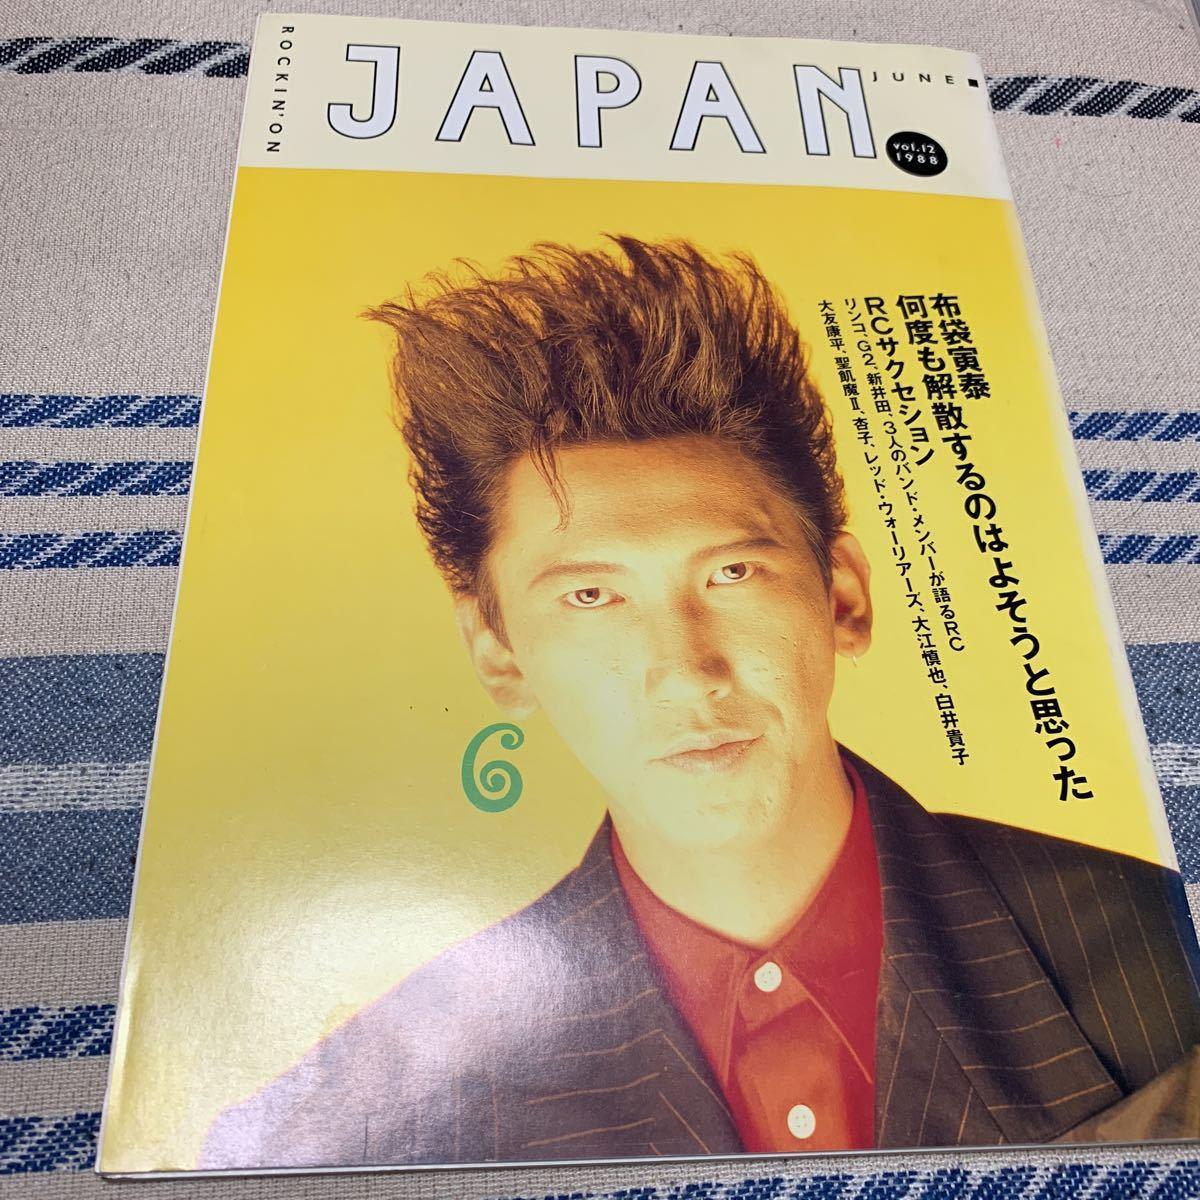 rockin'on japan 1988年 vol.12 布袋寅泰 表紙 BOOWY解散後のはじめて語った解散の真相 LAST GIGS 直後